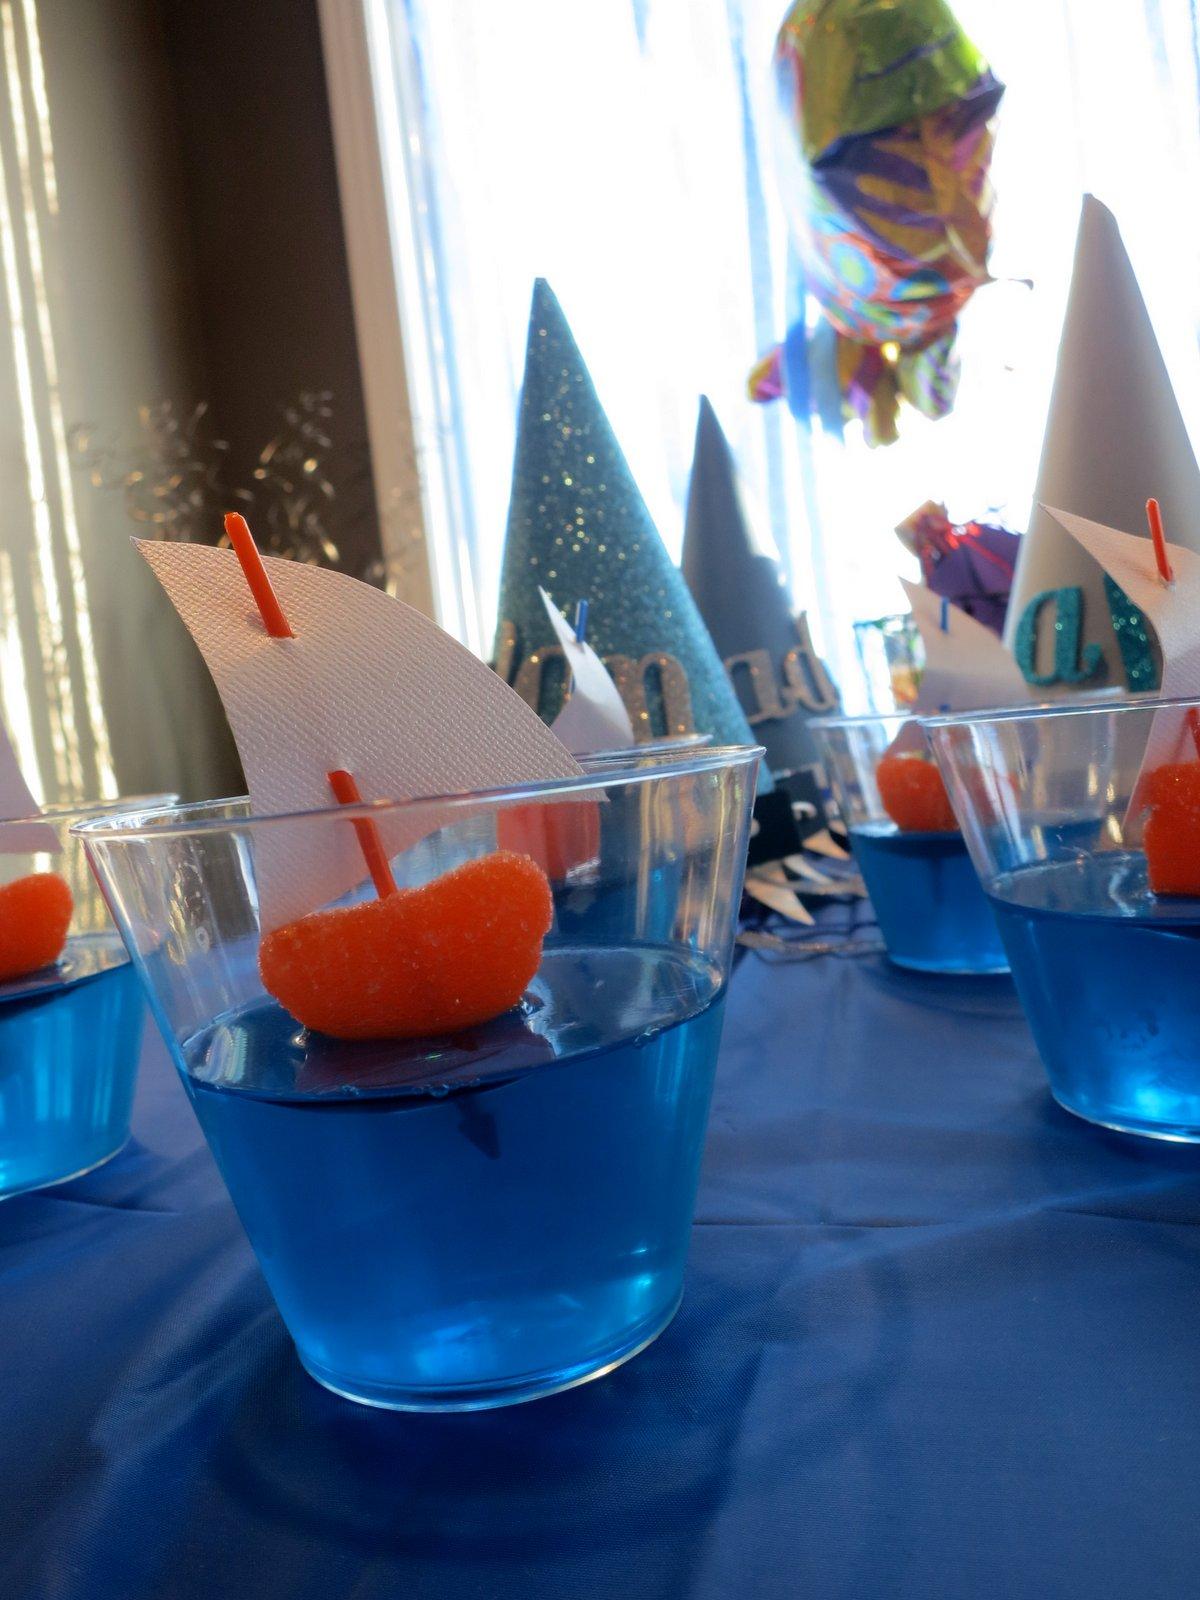 Ocean birthday party design dazzle - Party decorations ideas ...